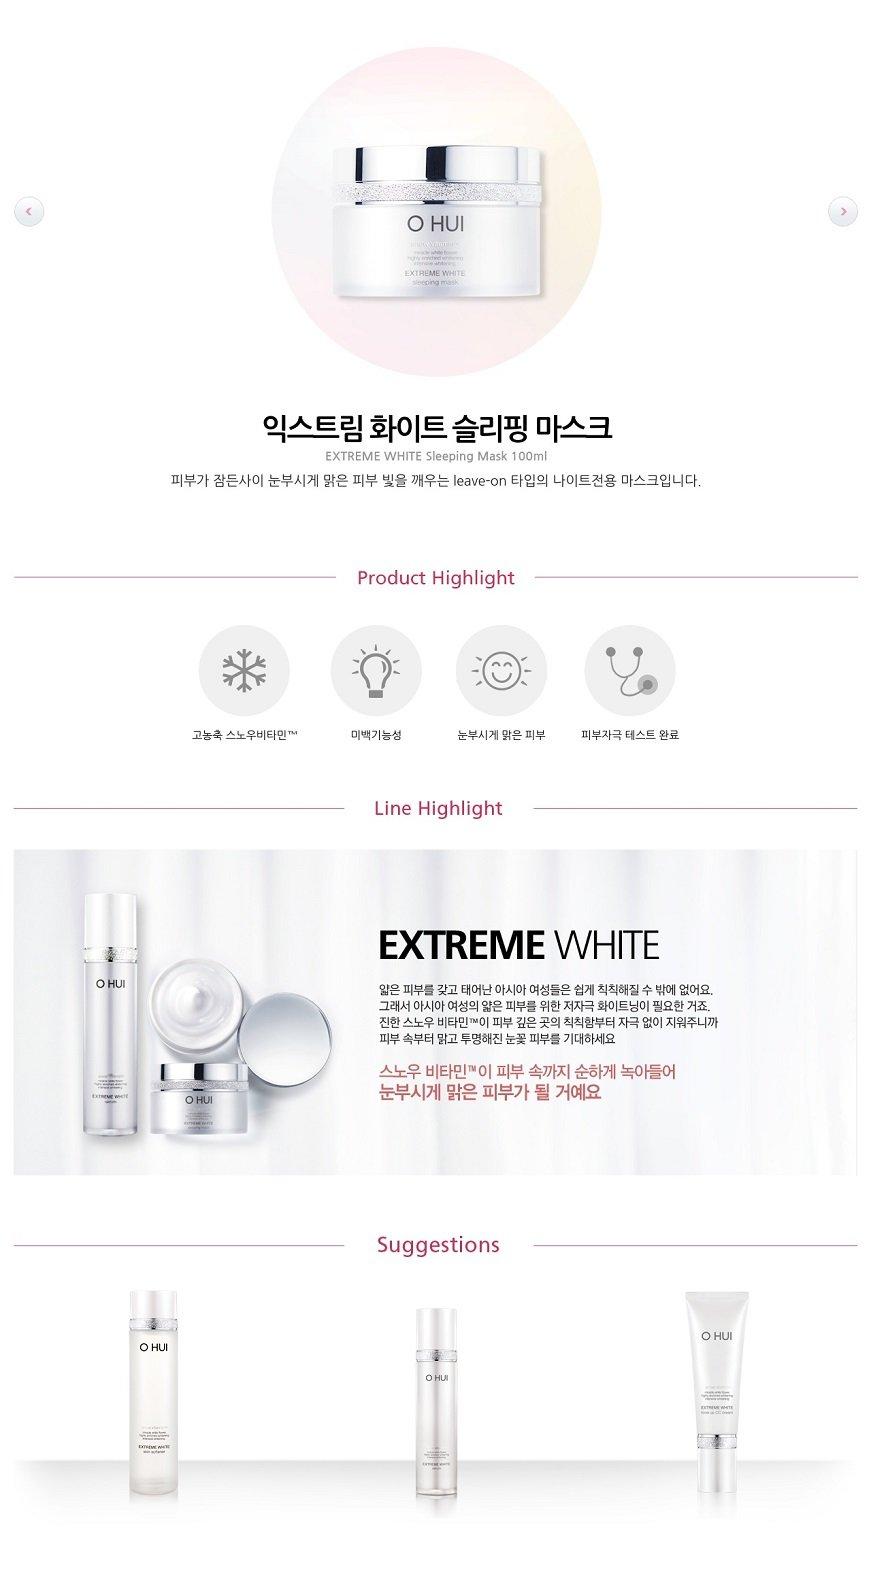 OHUI Extreme White Sleeping Mask 100ml malaysia singapore indonesia